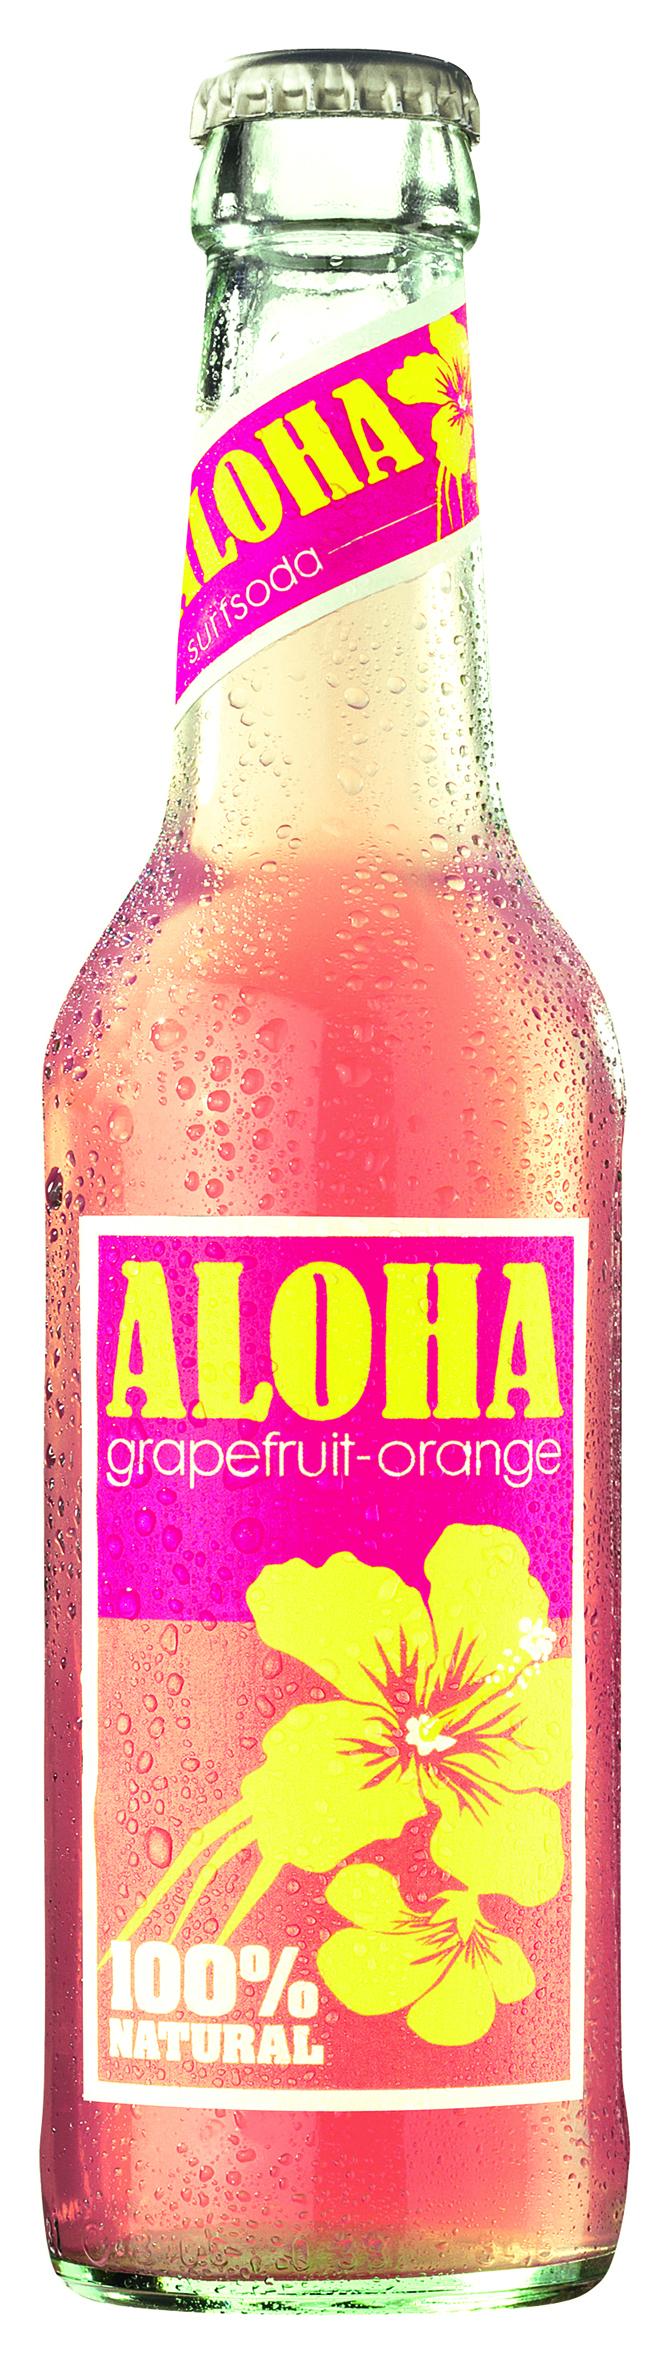 Getränke von Aloha